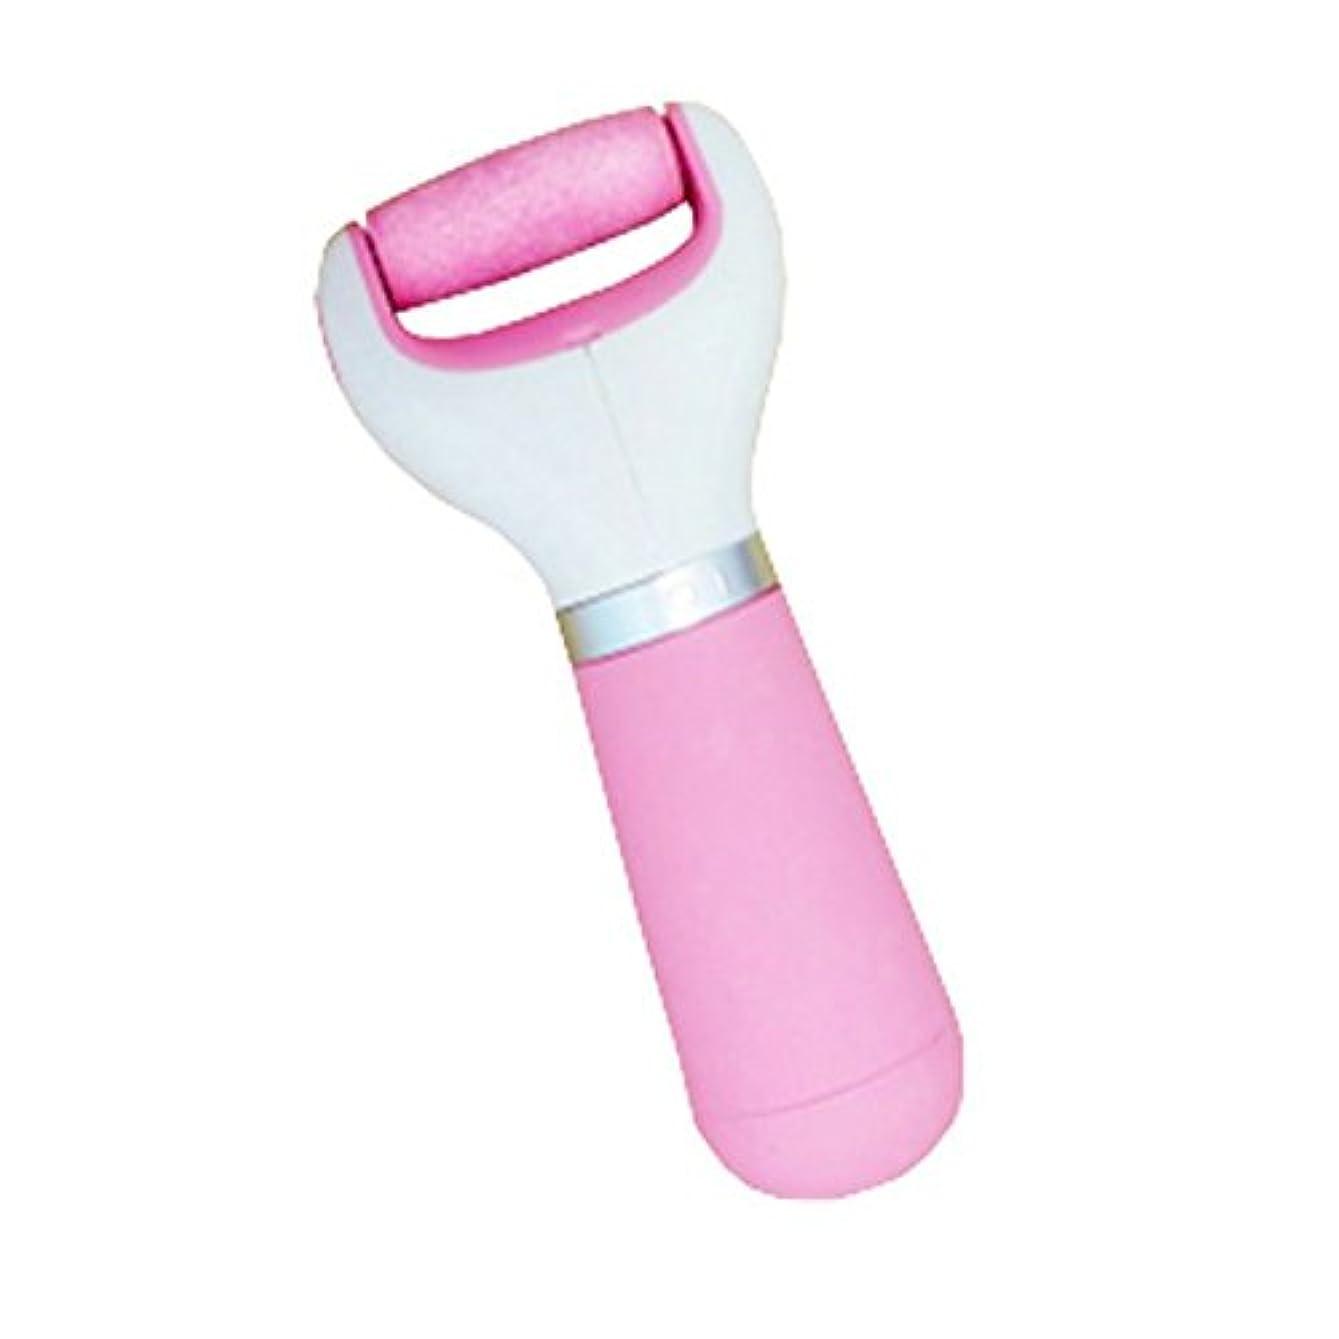 登録するミルク苦行電動角質リムーバー スムースケア ピンク